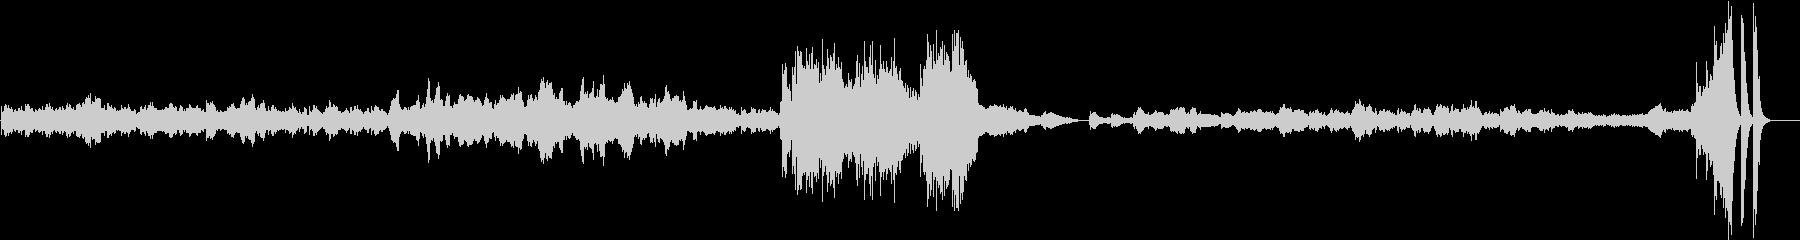 悲哀のメロディーによる情熱のピアノトリオの未再生の波形